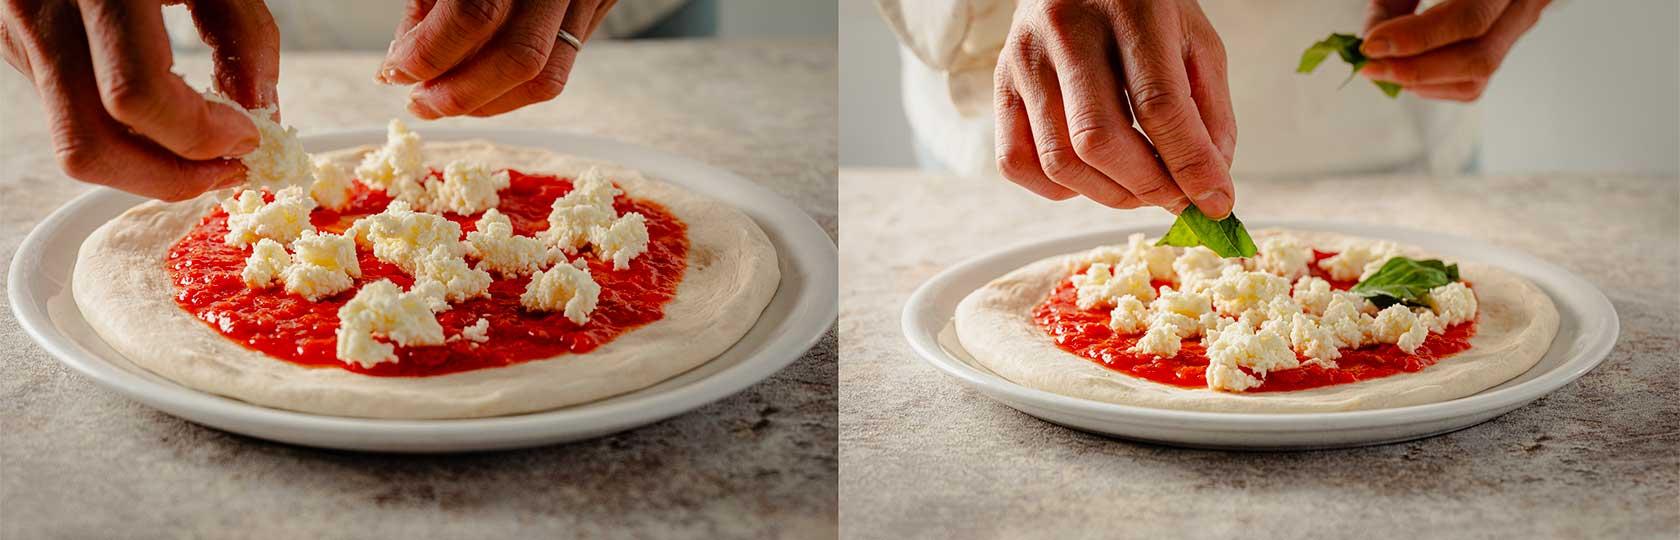 ジャンカルロ東京(ピッツェリア)と全く同じ材料と製法で、そのままの味を最新の冷凍技術で